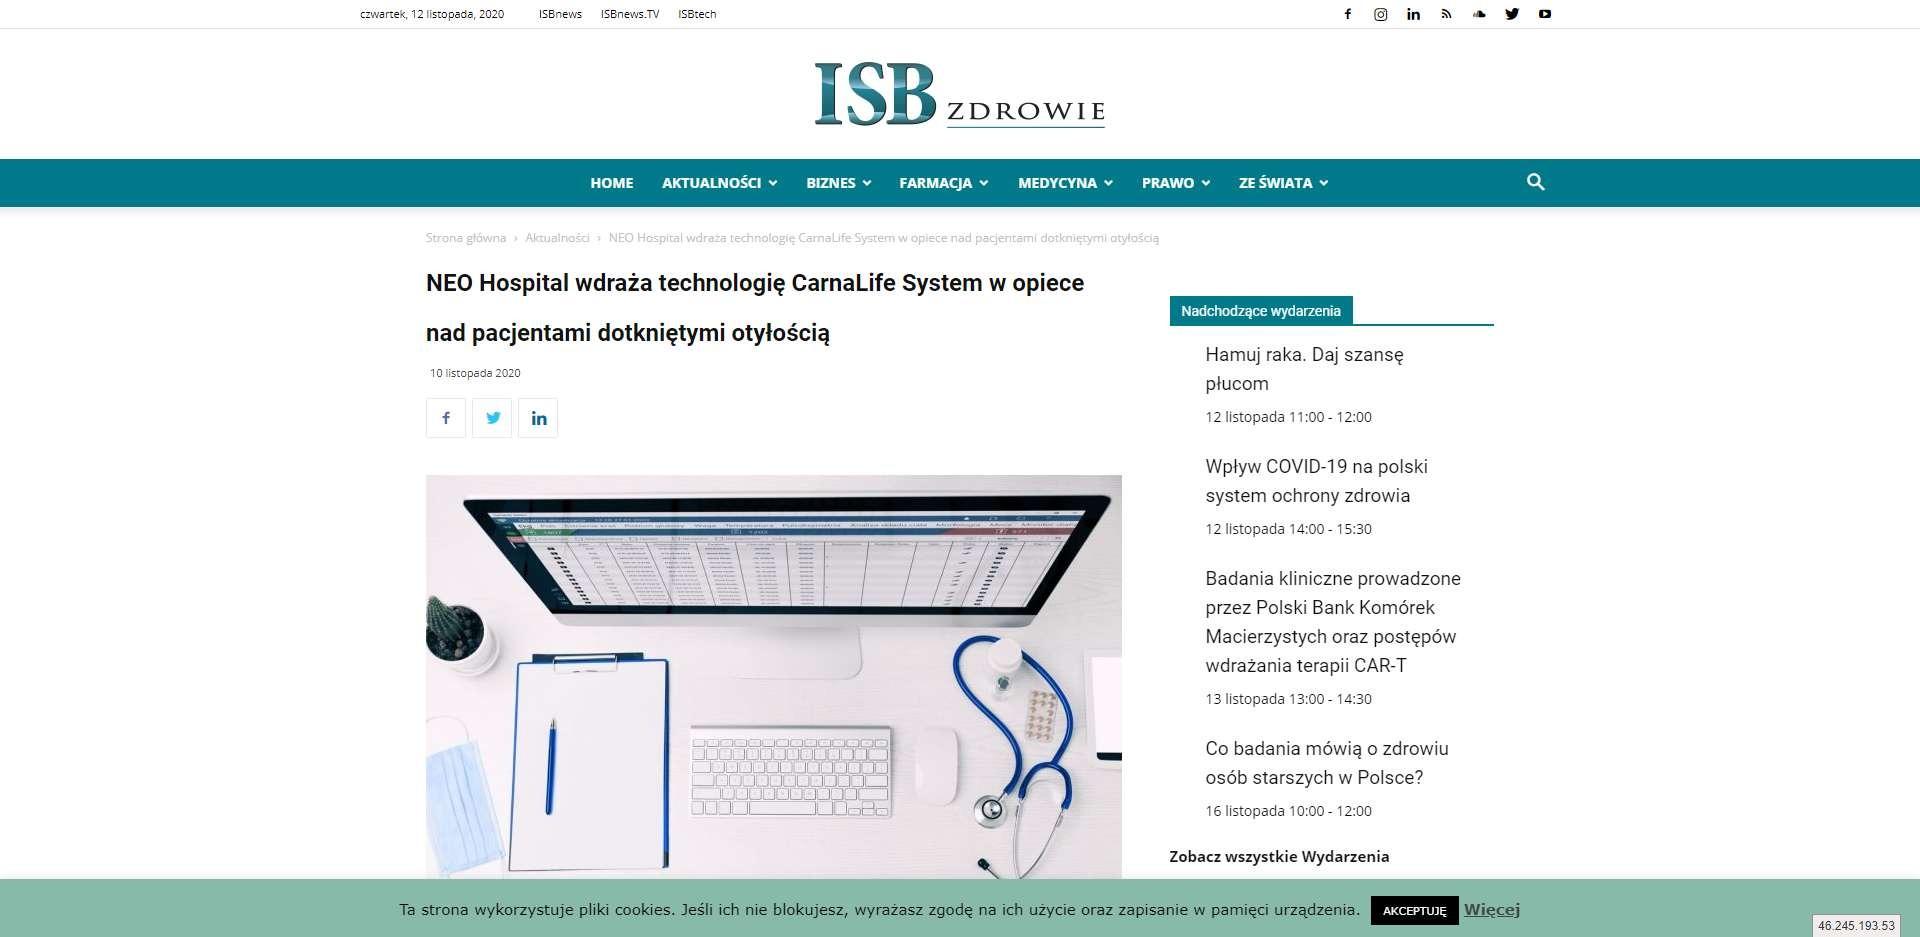 neo hospital wdraza technologie carnalife system w opiece nad pacjentami dotknietymi otyloscia